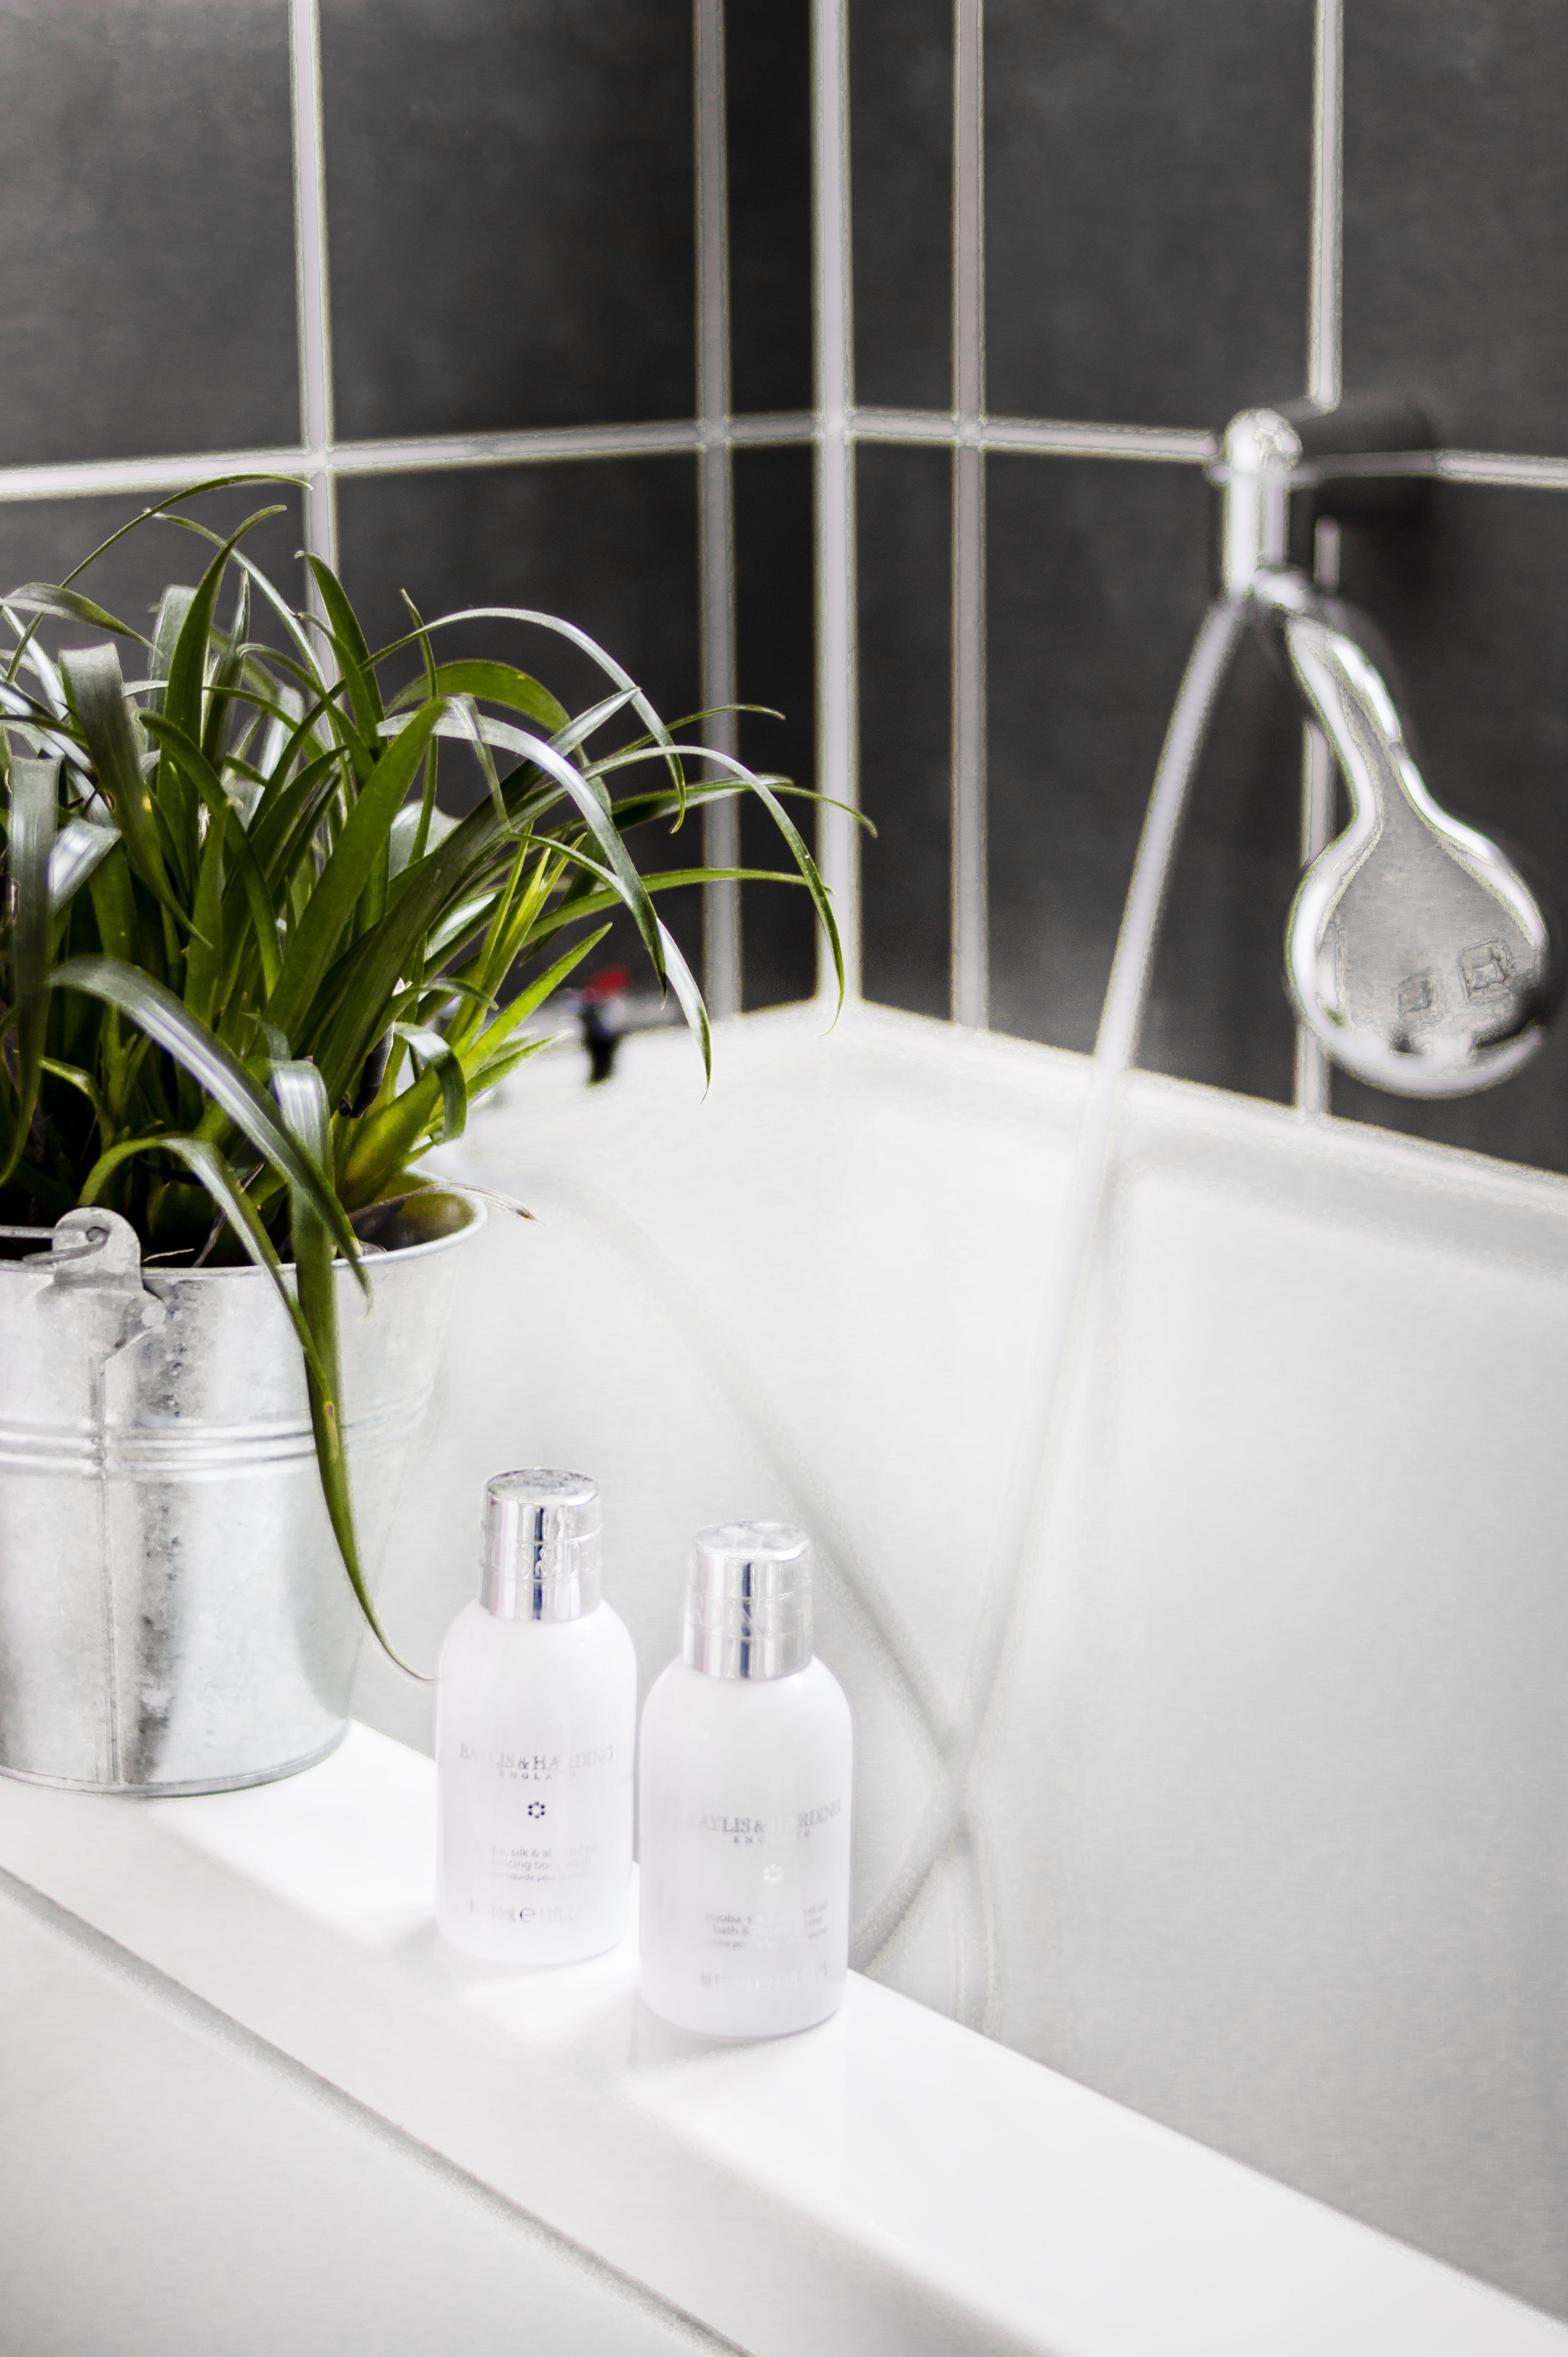 Kostenloses Stock Foto zu badewanne, badezimmer, design, drinnen